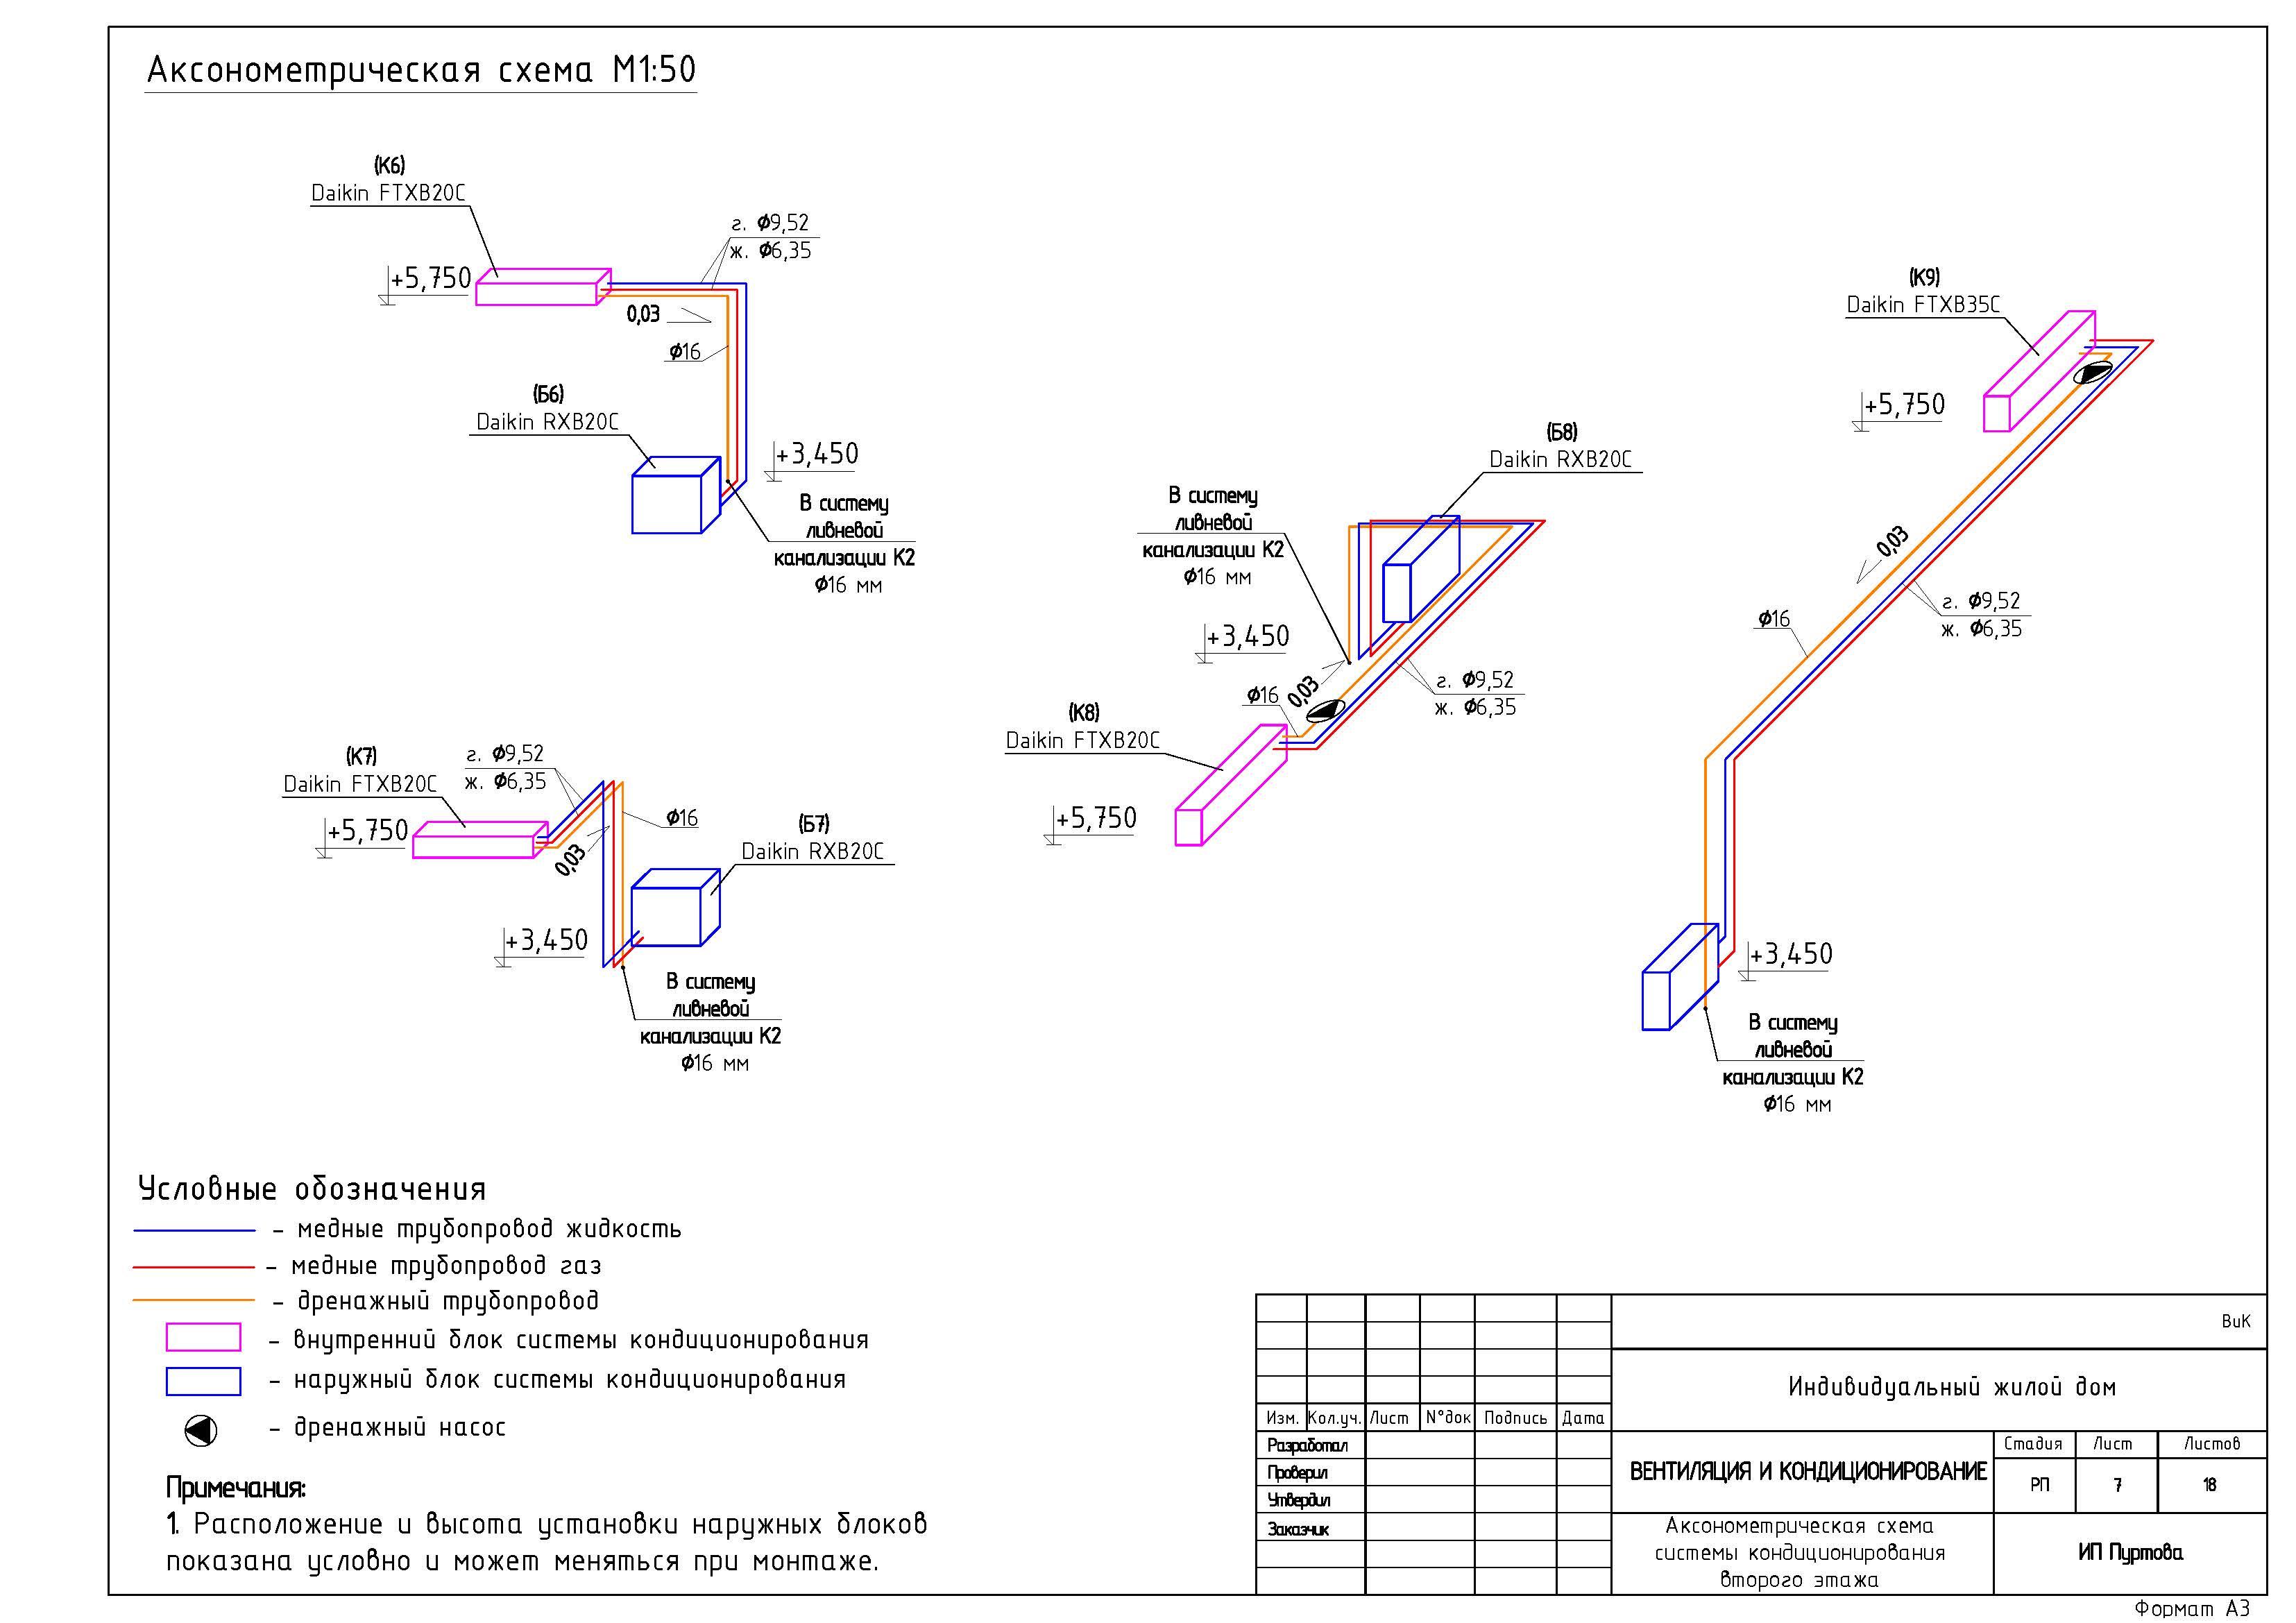 Аксонометрическая схема по водопроводу и канализации